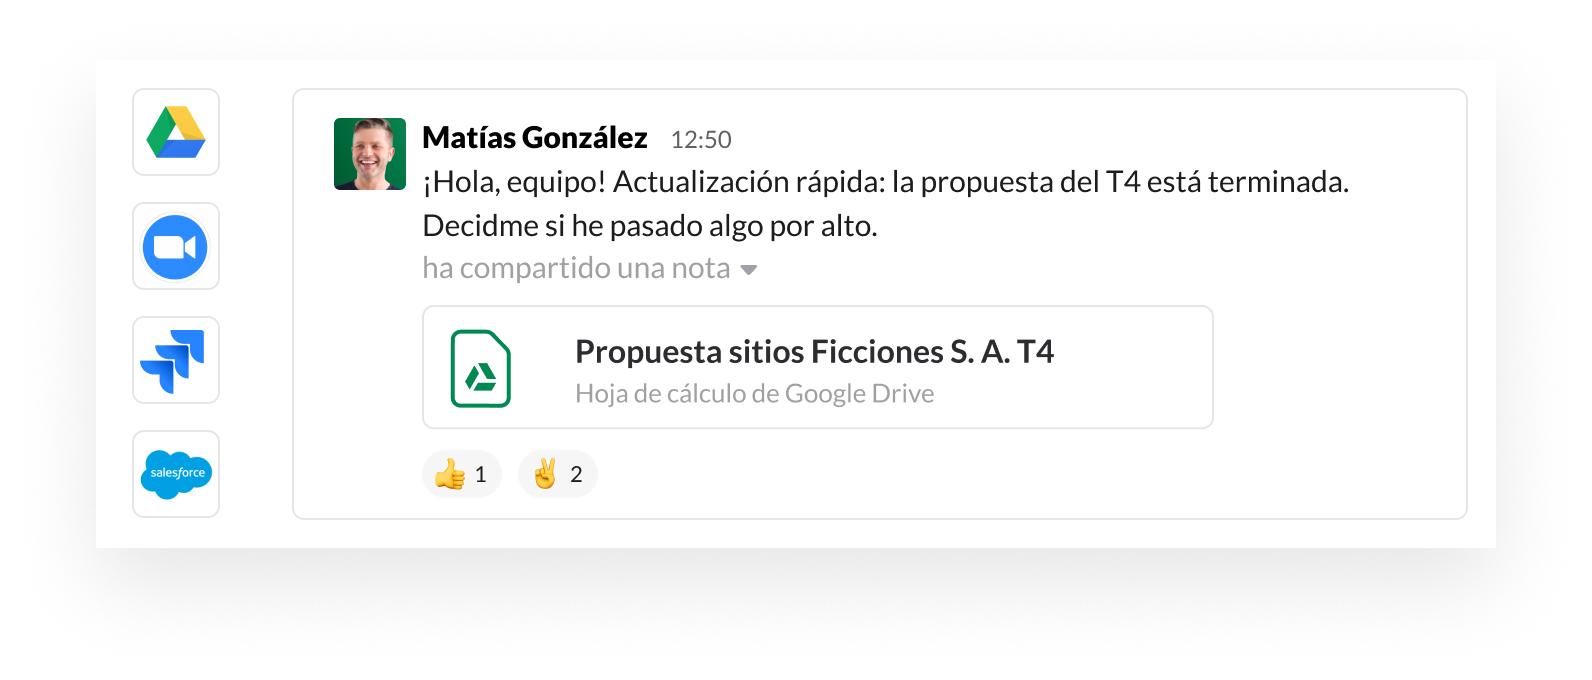 Imagen de la interfaz de usuario de Slack con iconos de socios de aplicaciones, como Google, Zoom, Jira y Salesforce